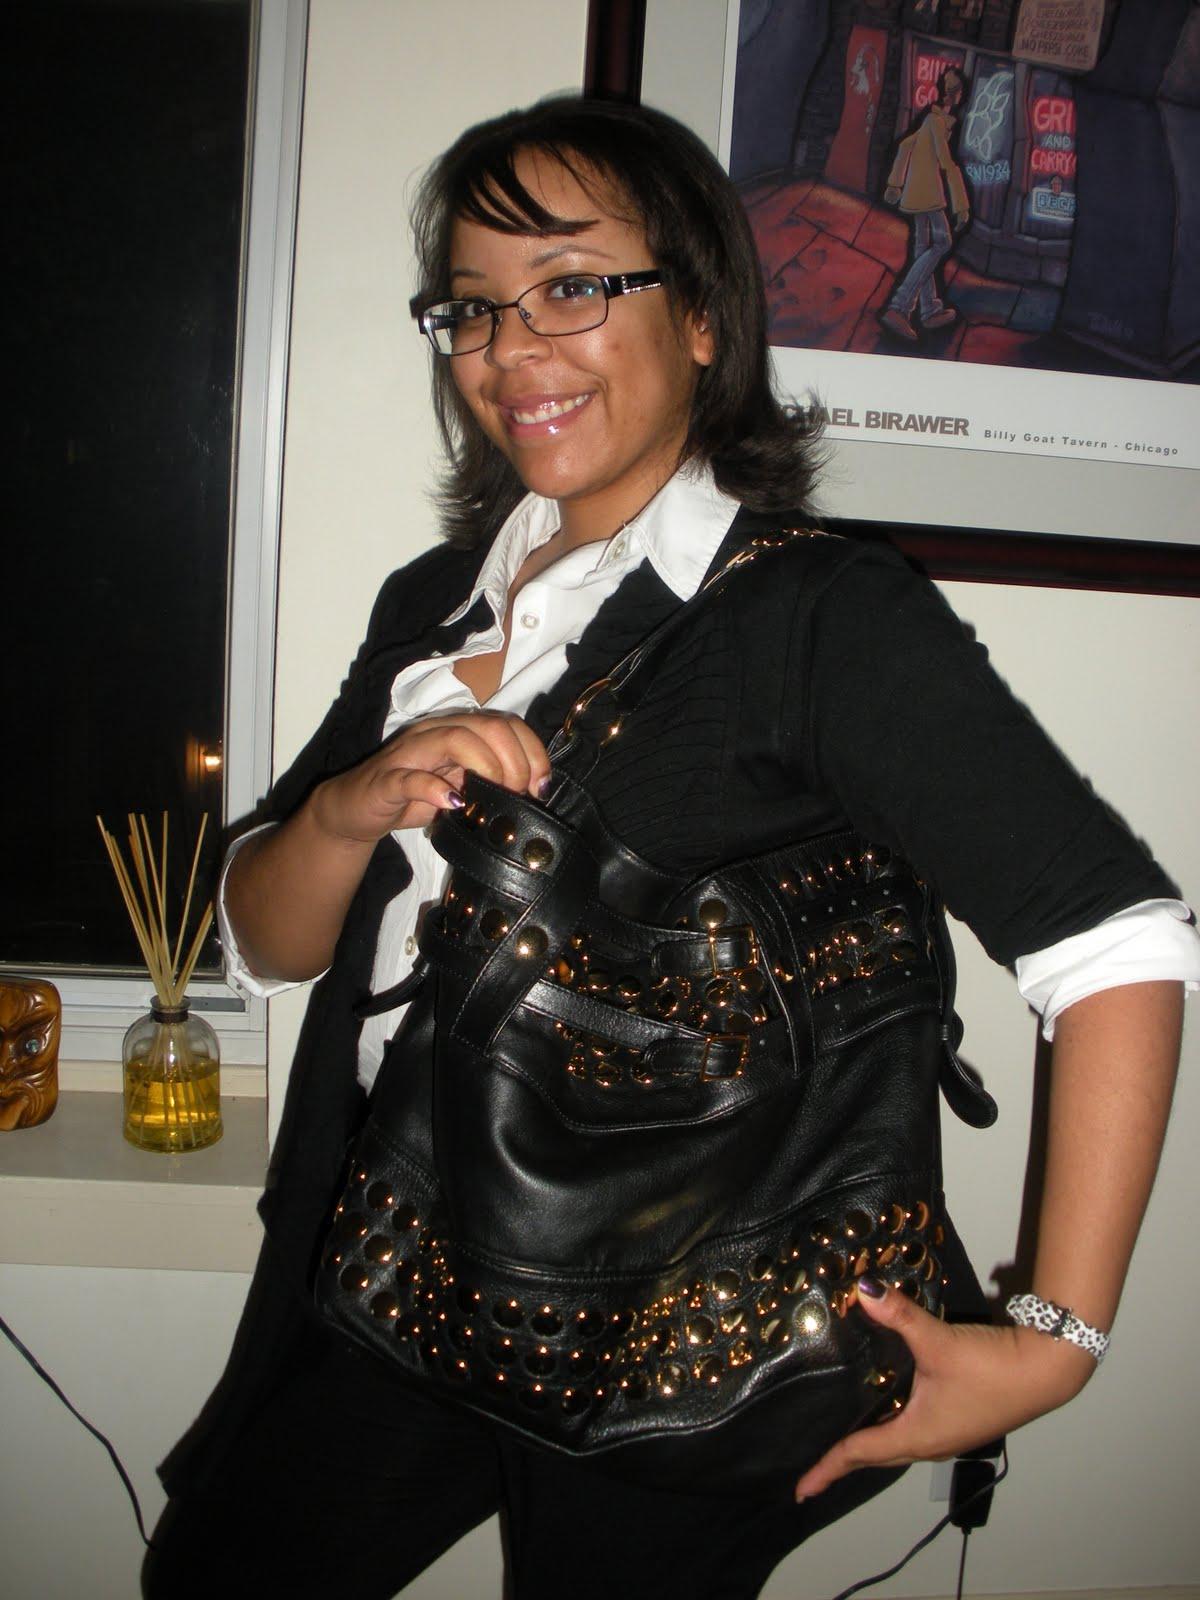 http://4.bp.blogspot.com/_V7lJdZi_T9A/SxBndkh31HI/AAAAAAAAQv0/MGVV59qrKGU/s1600/spoiled+pretty+rebecca+minkoff+stud+devote.JPG